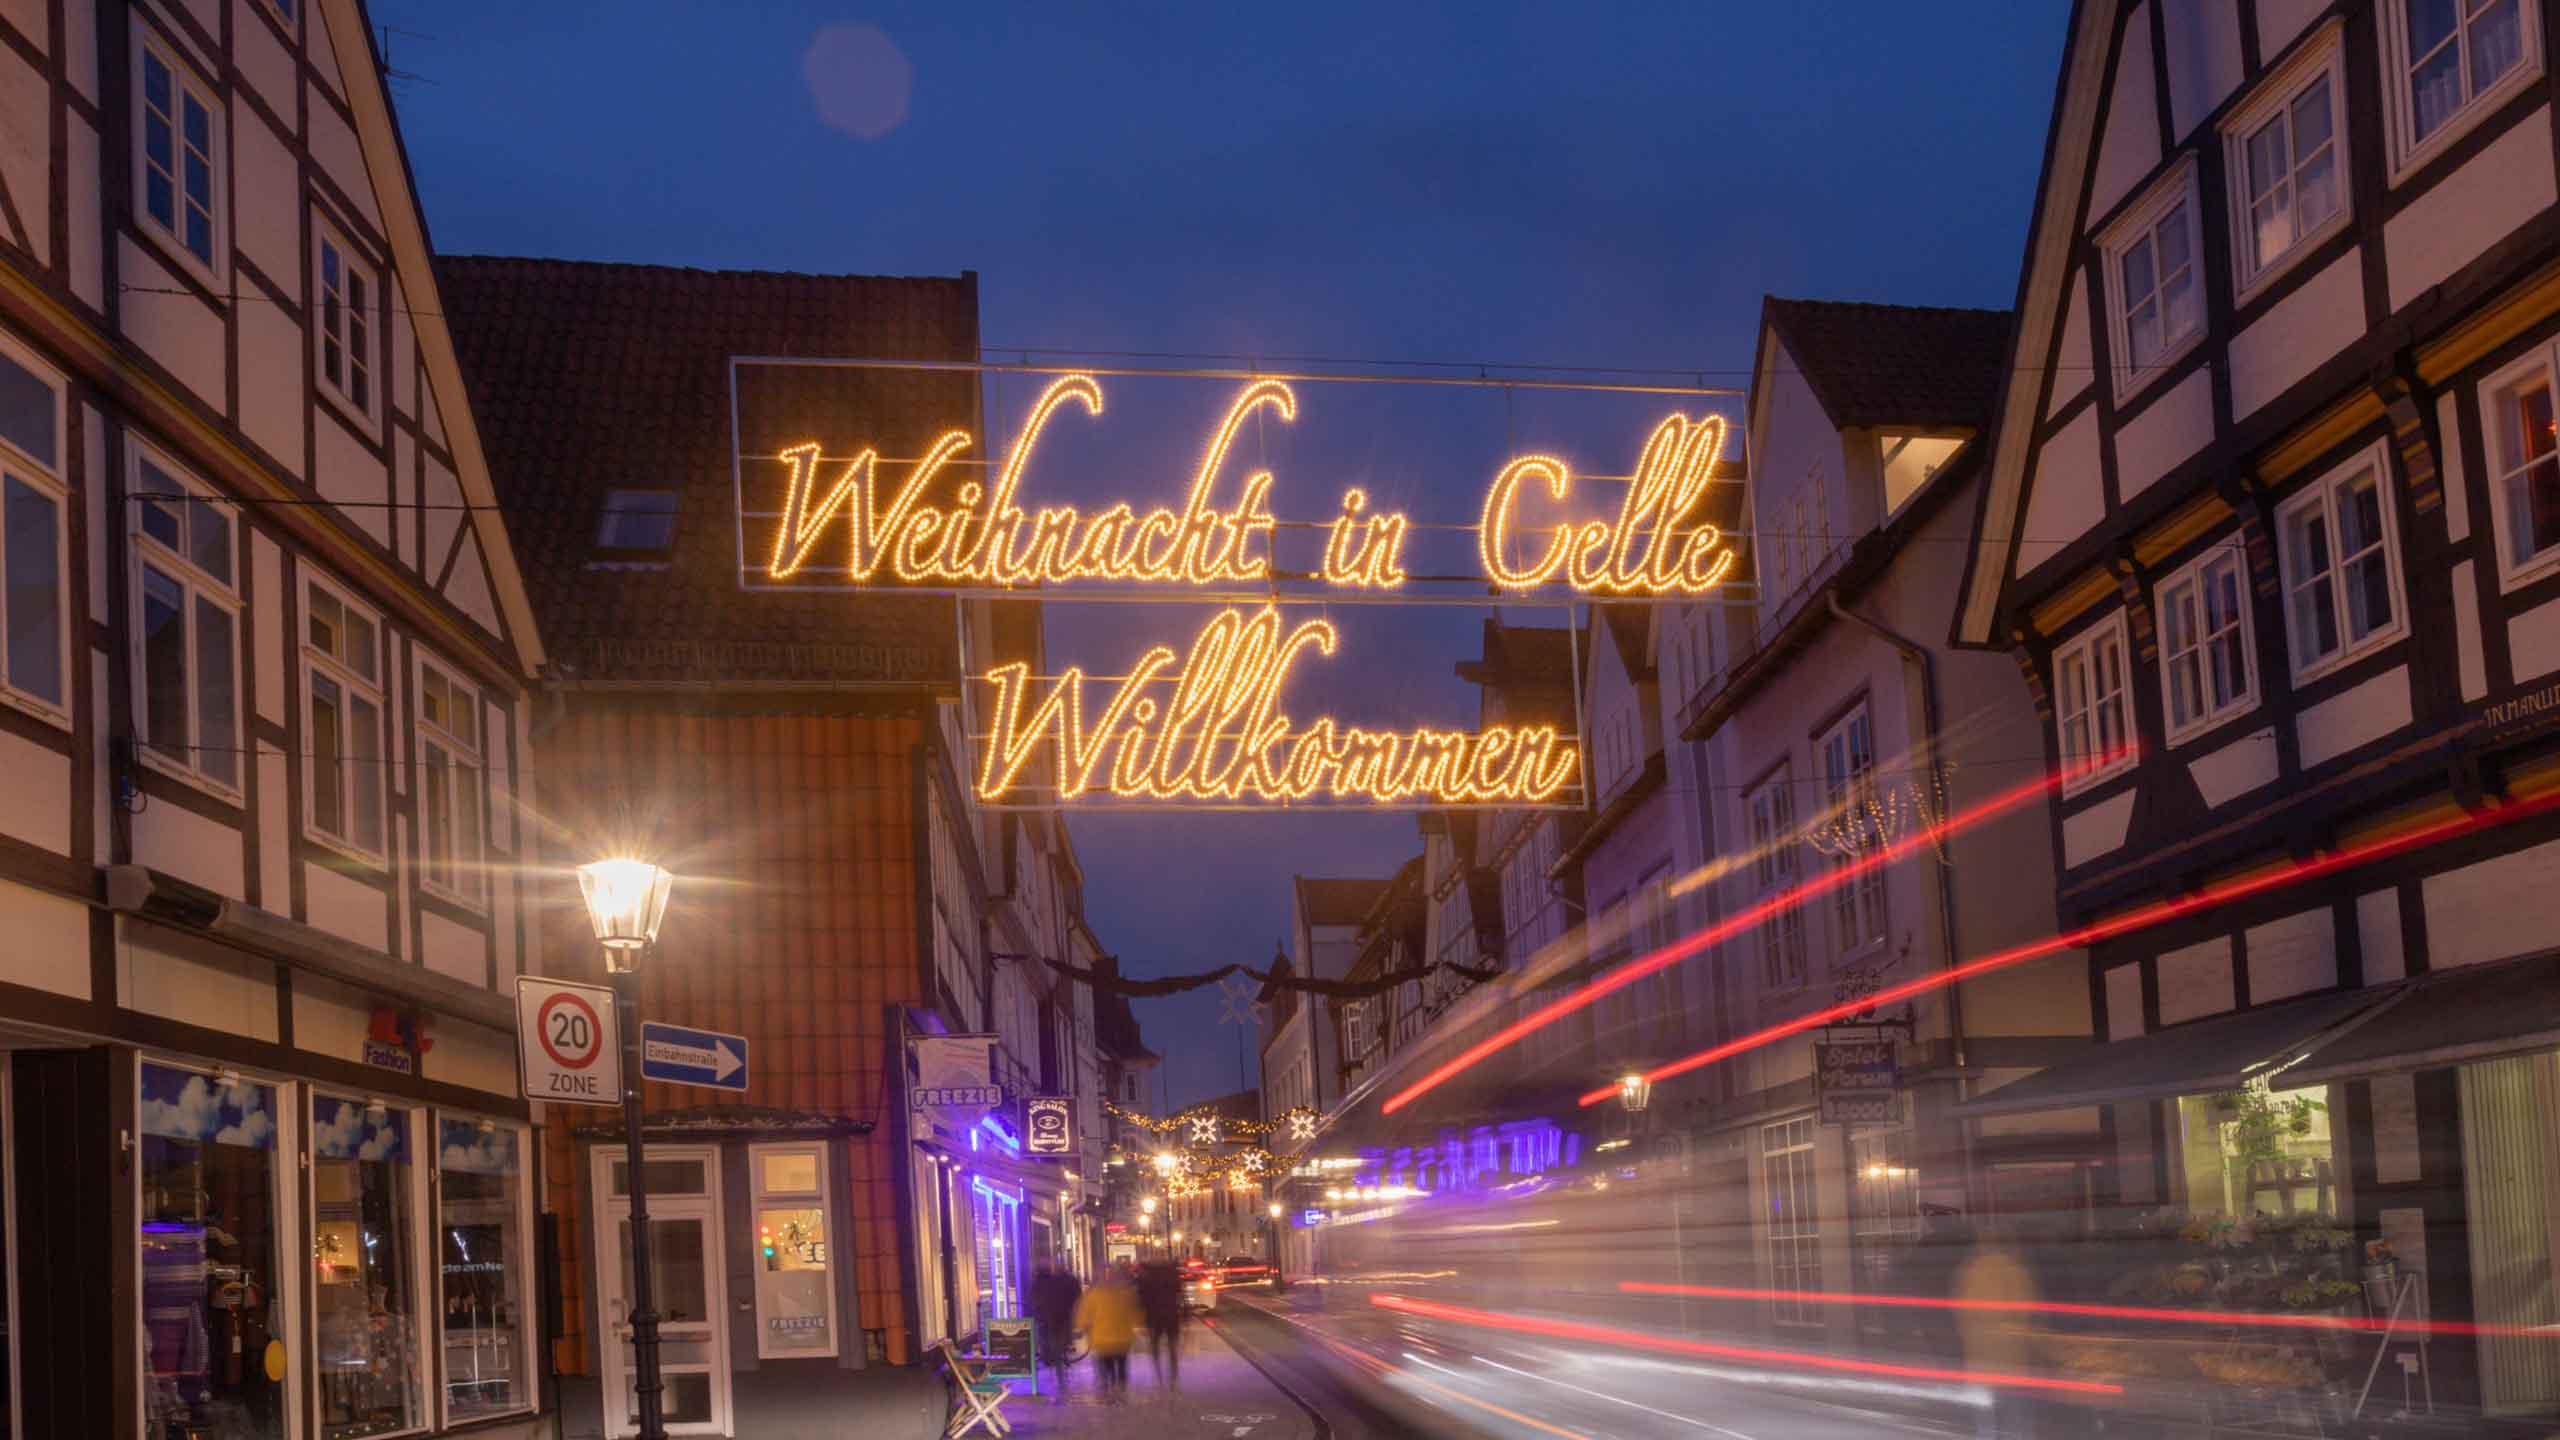 Willkommen in der Weihnachtsstadt Celle